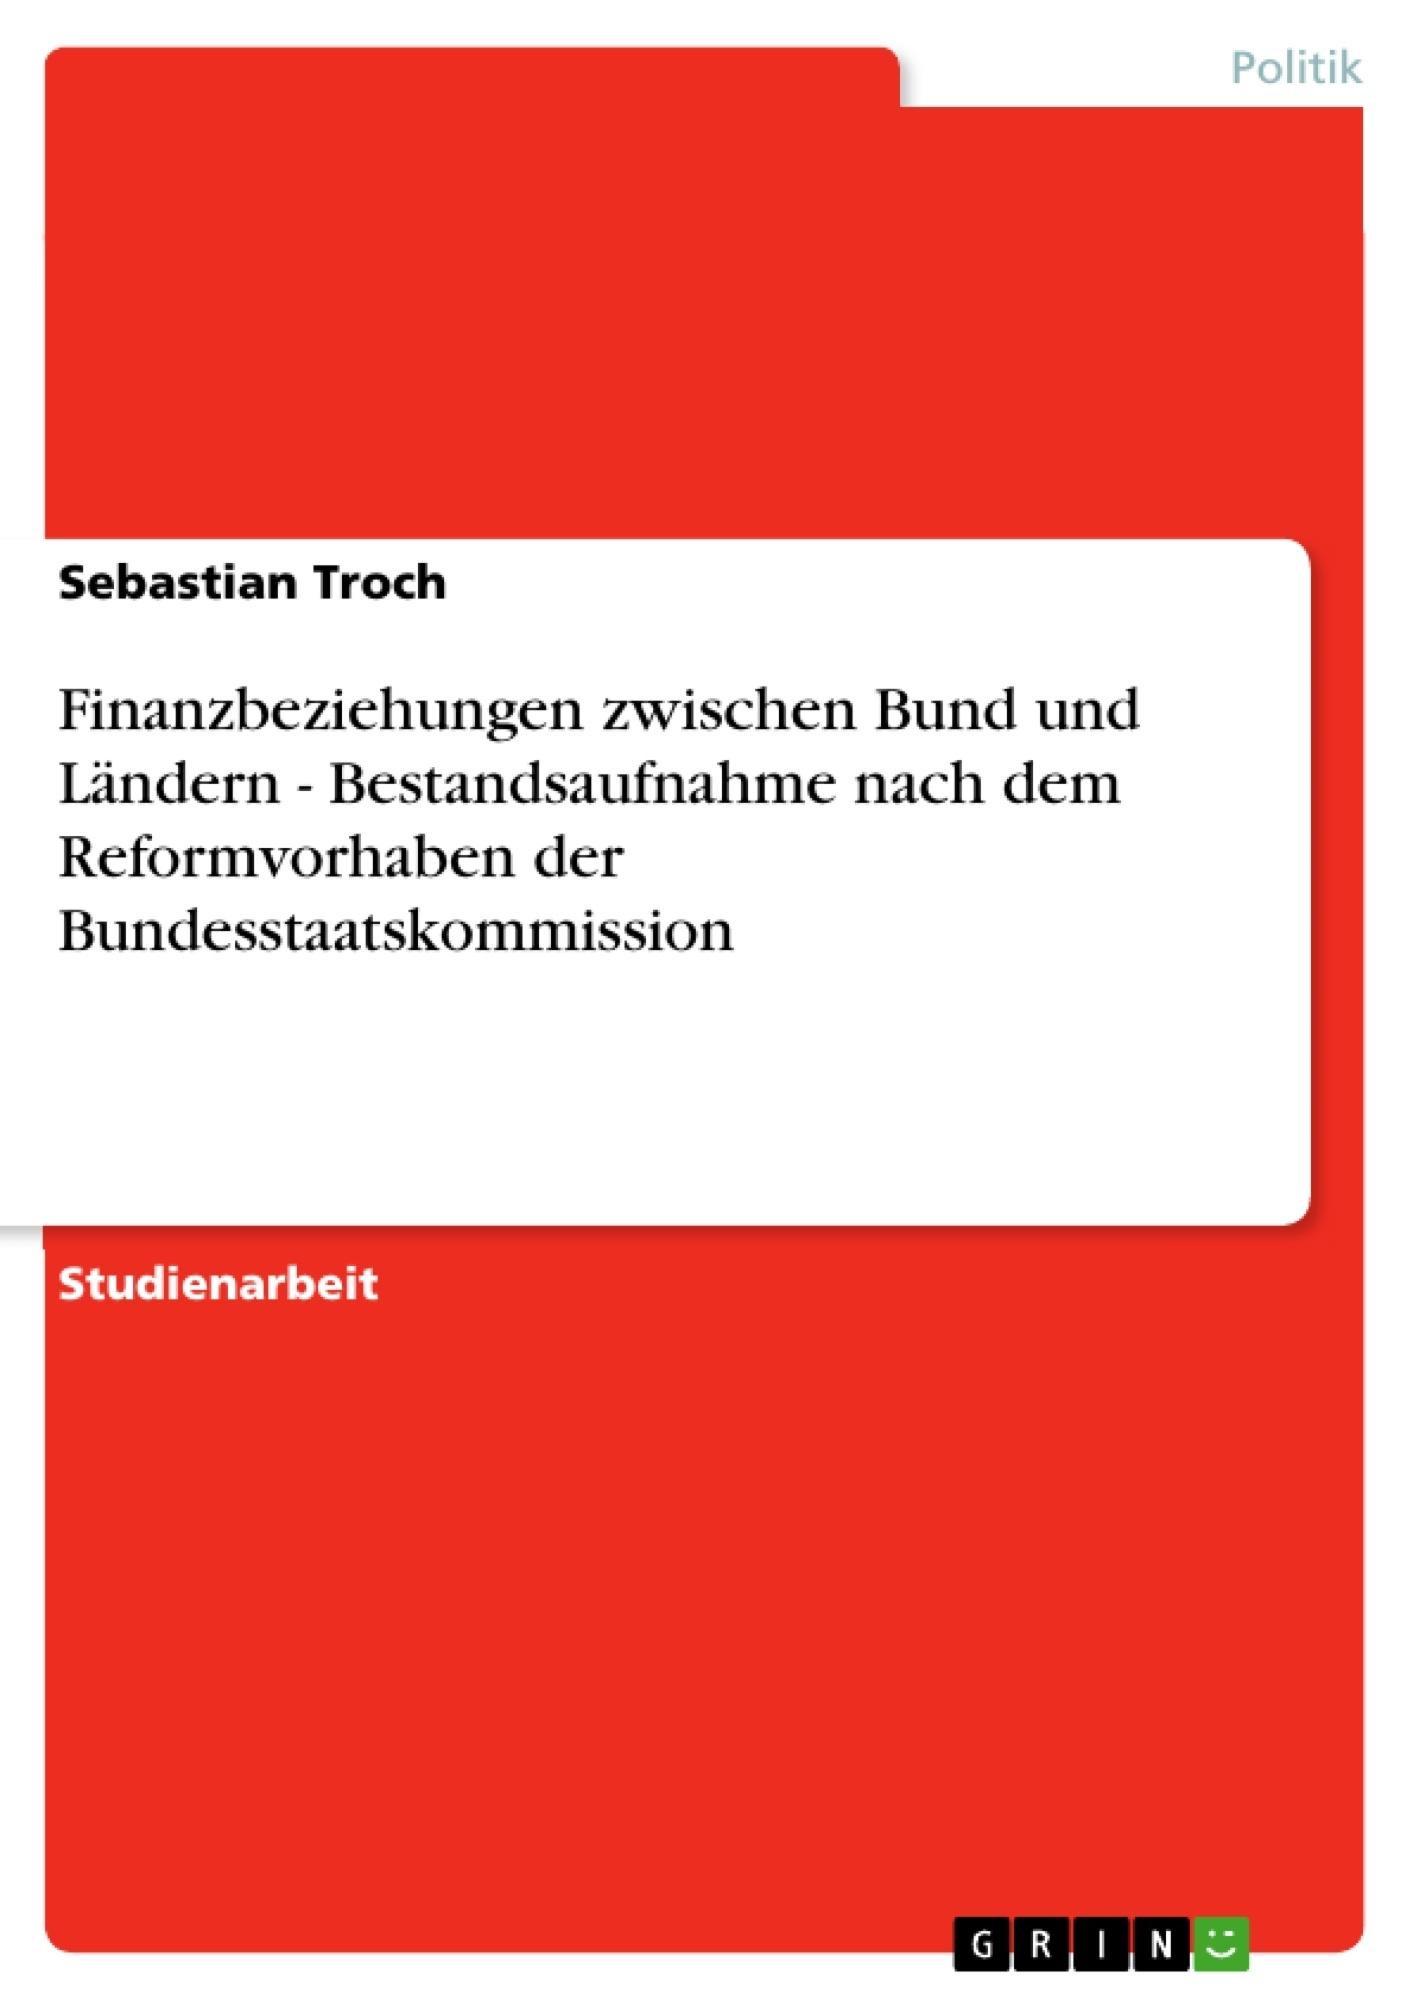 Titel: Finanzbeziehungen zwischen Bund und Ländern - Bestandsaufnahme nach dem Reformvorhaben der Bundesstaatskommission